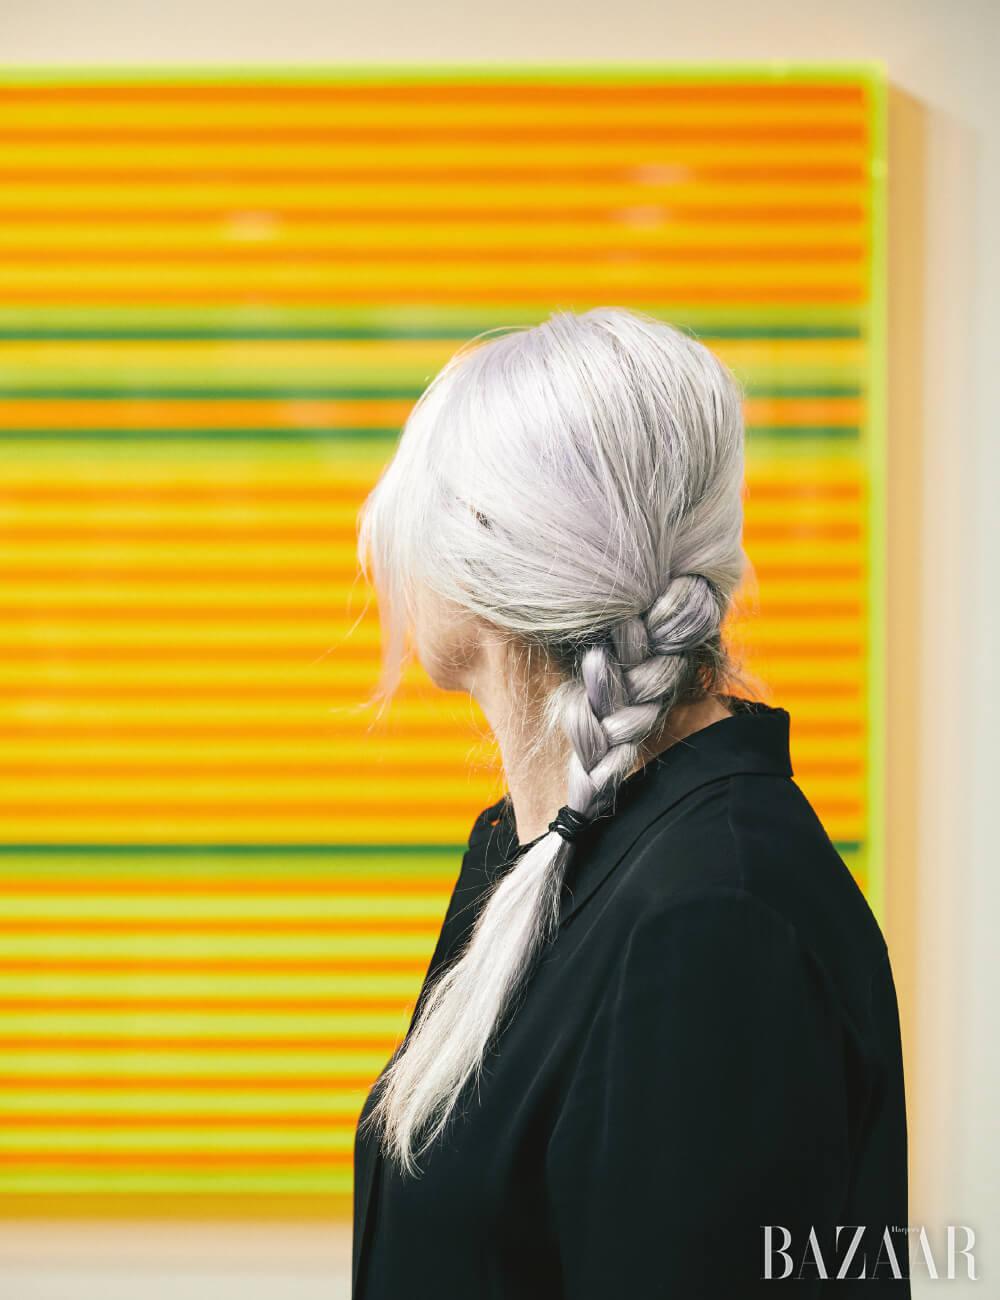 로즈마리 트로켈의 작품 앞에서 모니카 스프루스.